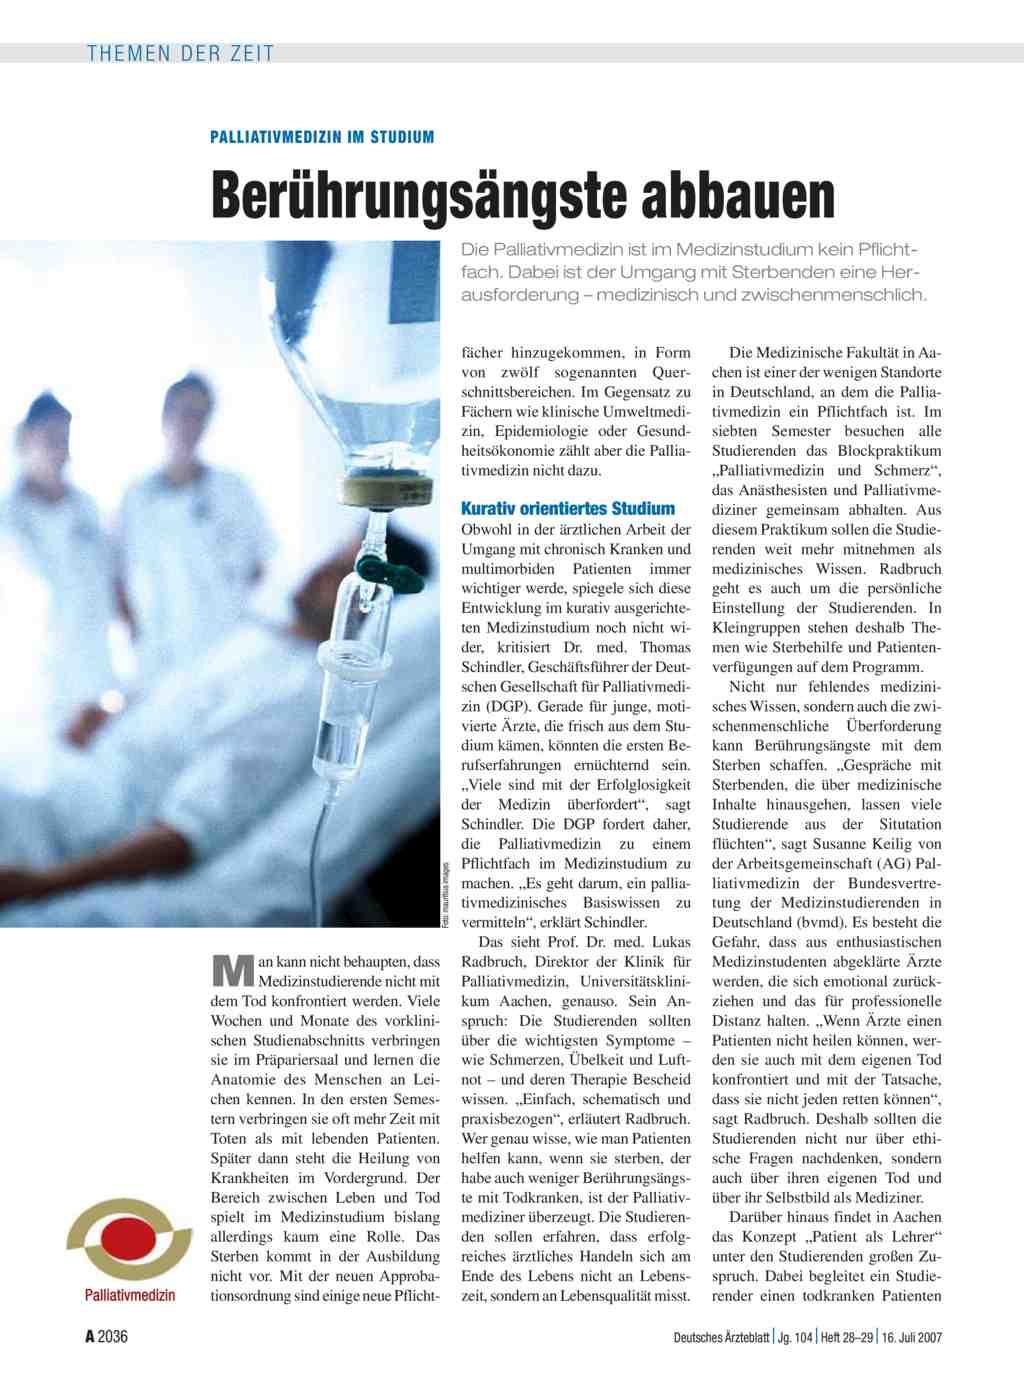 Palliativmedizin im Studium: Berührungsängste abbauen